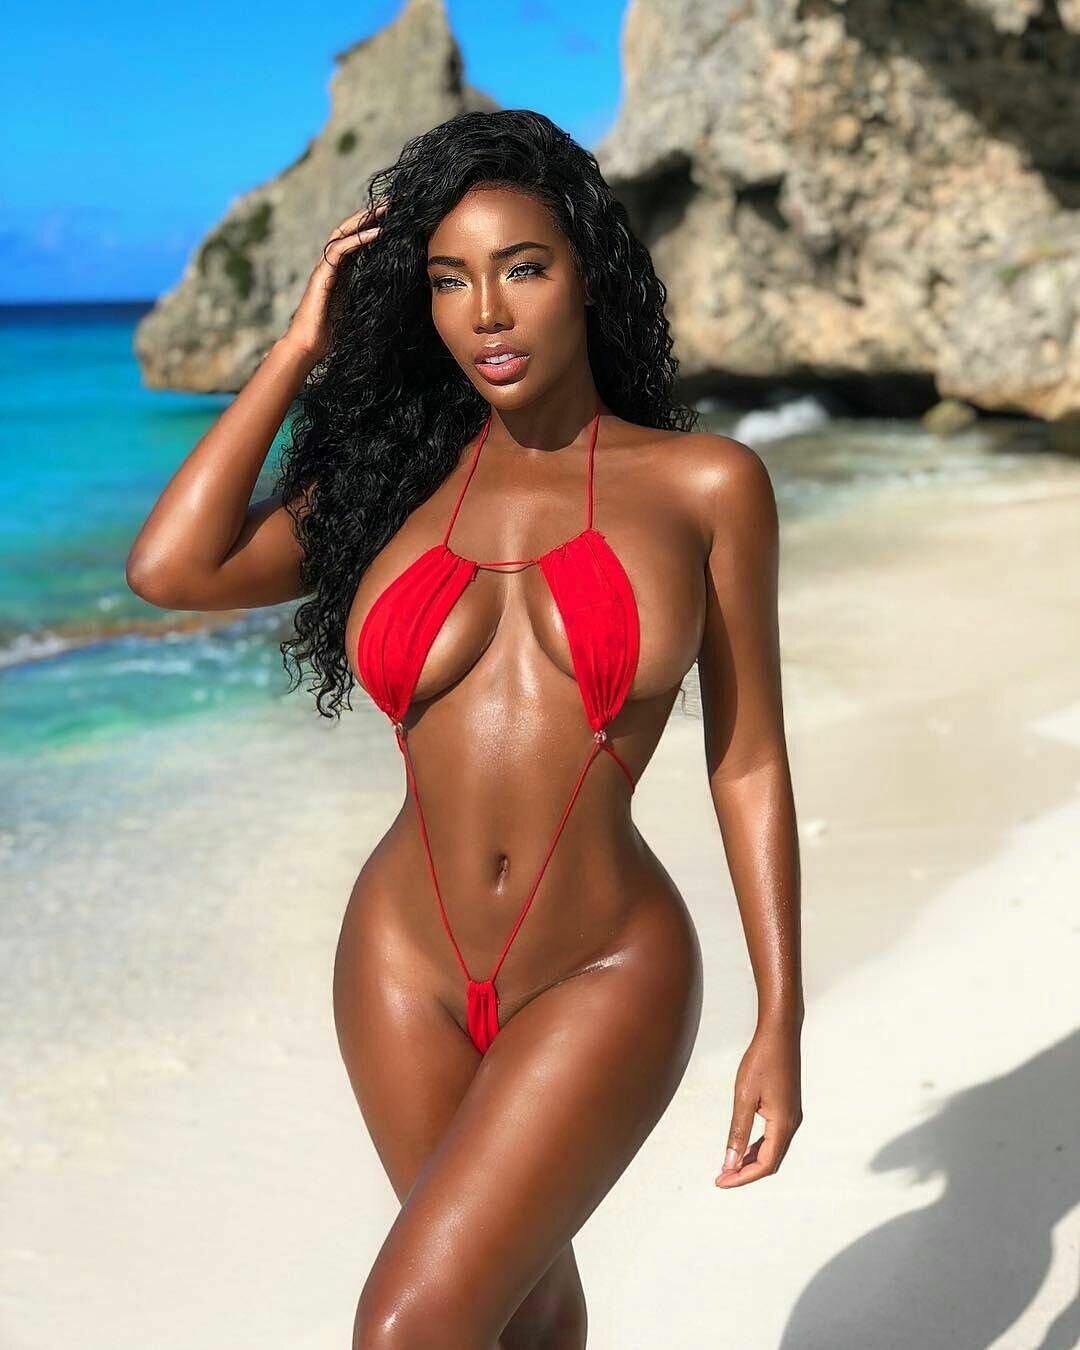 Ebony naturist nude, non fake celebrity nudes